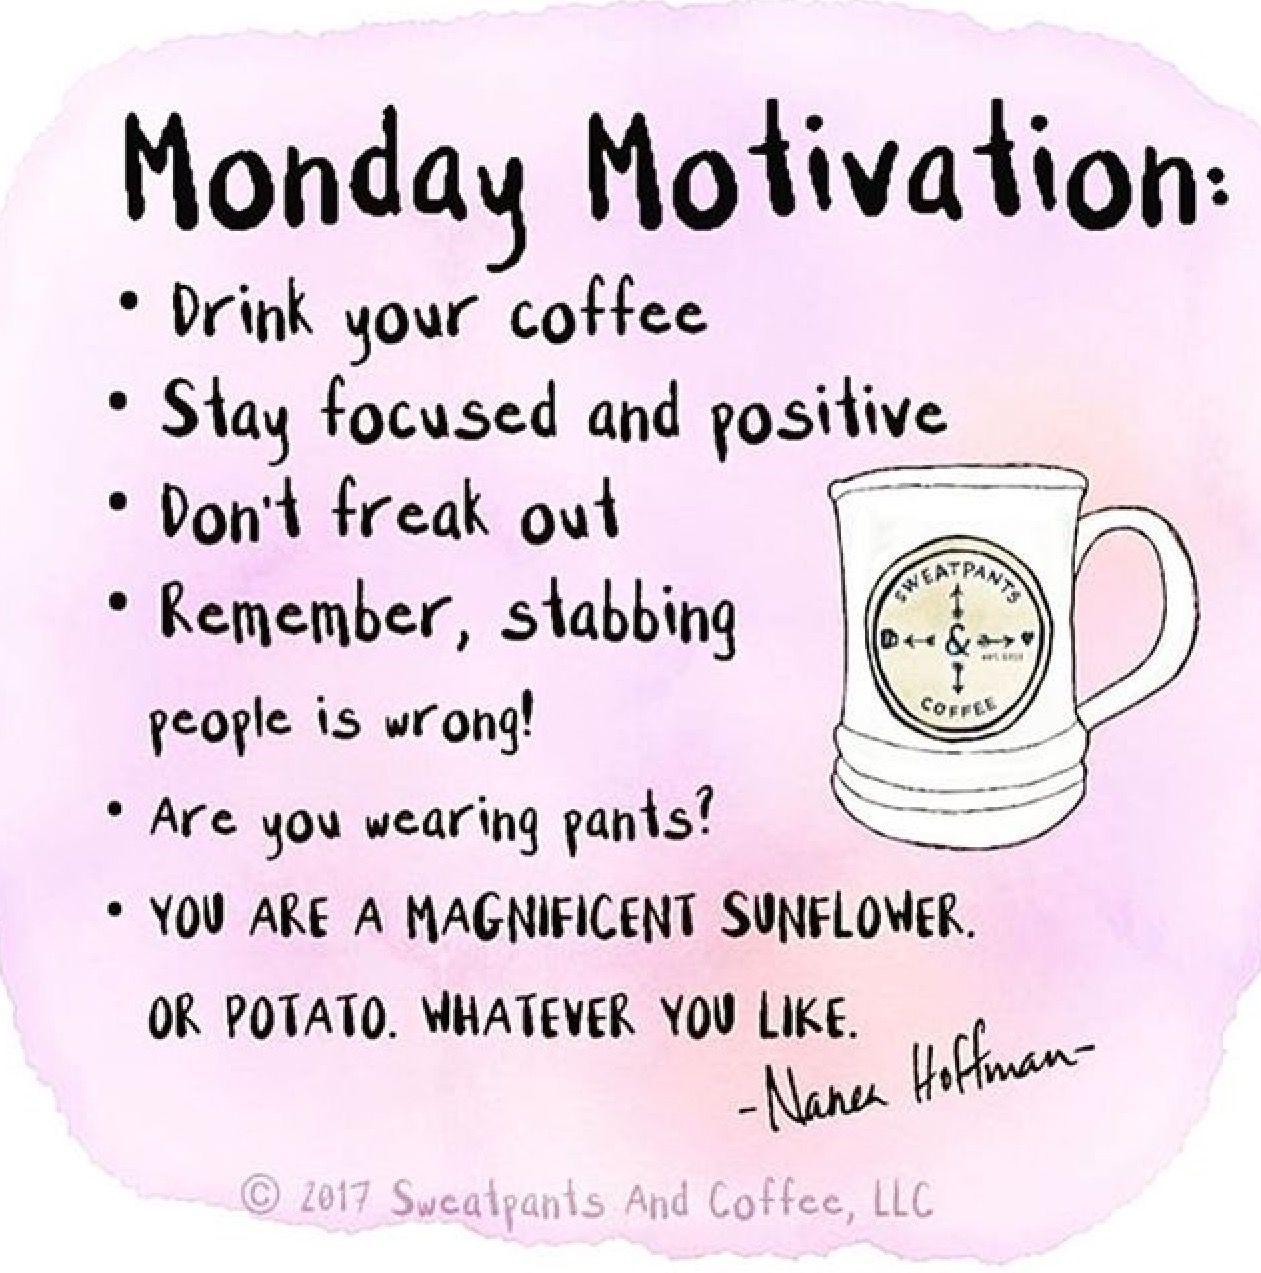 Related image Monday motivation, Monday inspirational